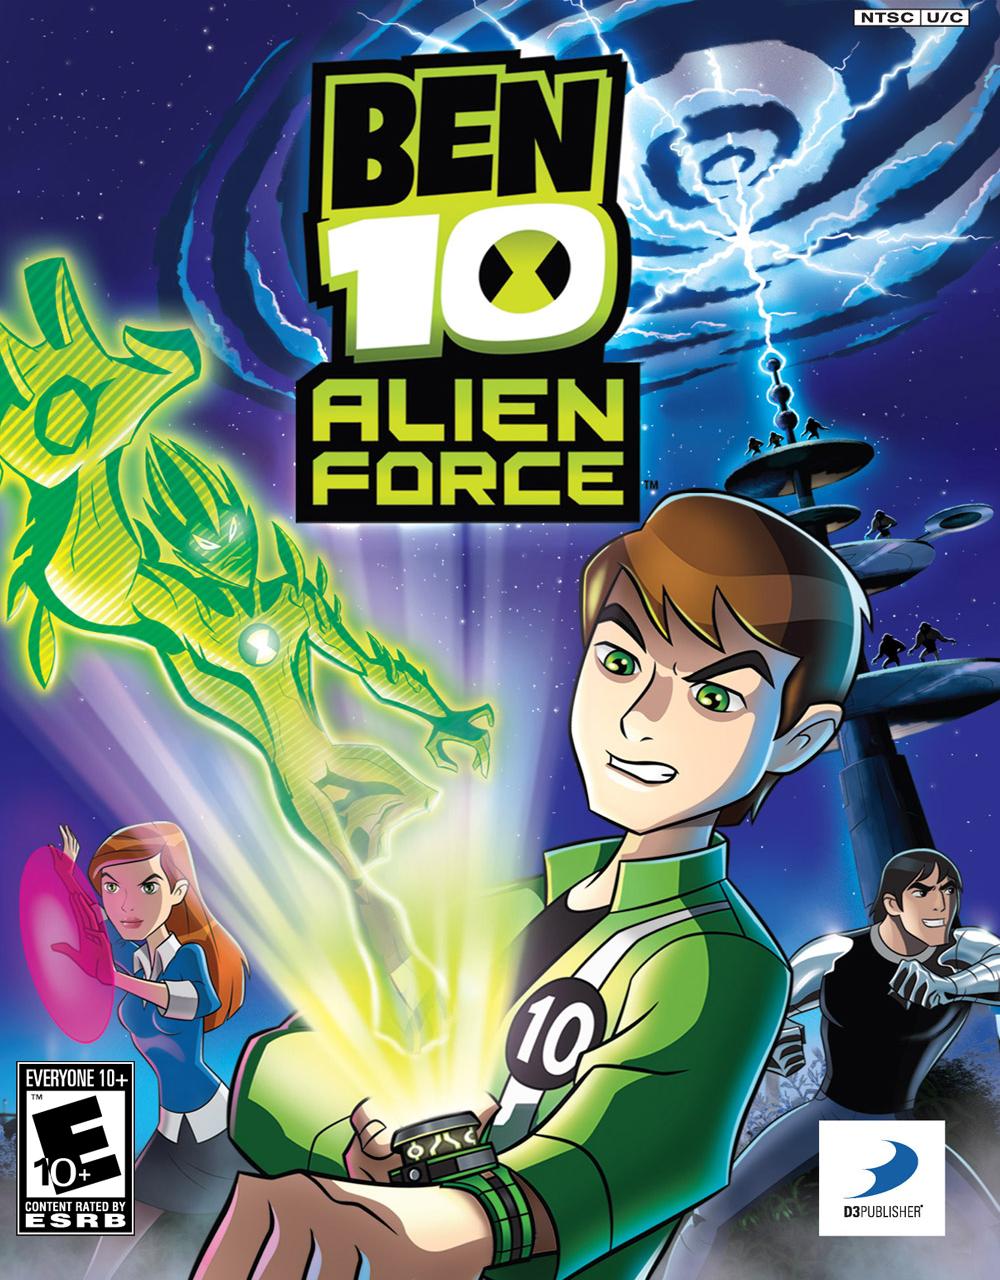 Ben 10: Alien Force (Video Game)